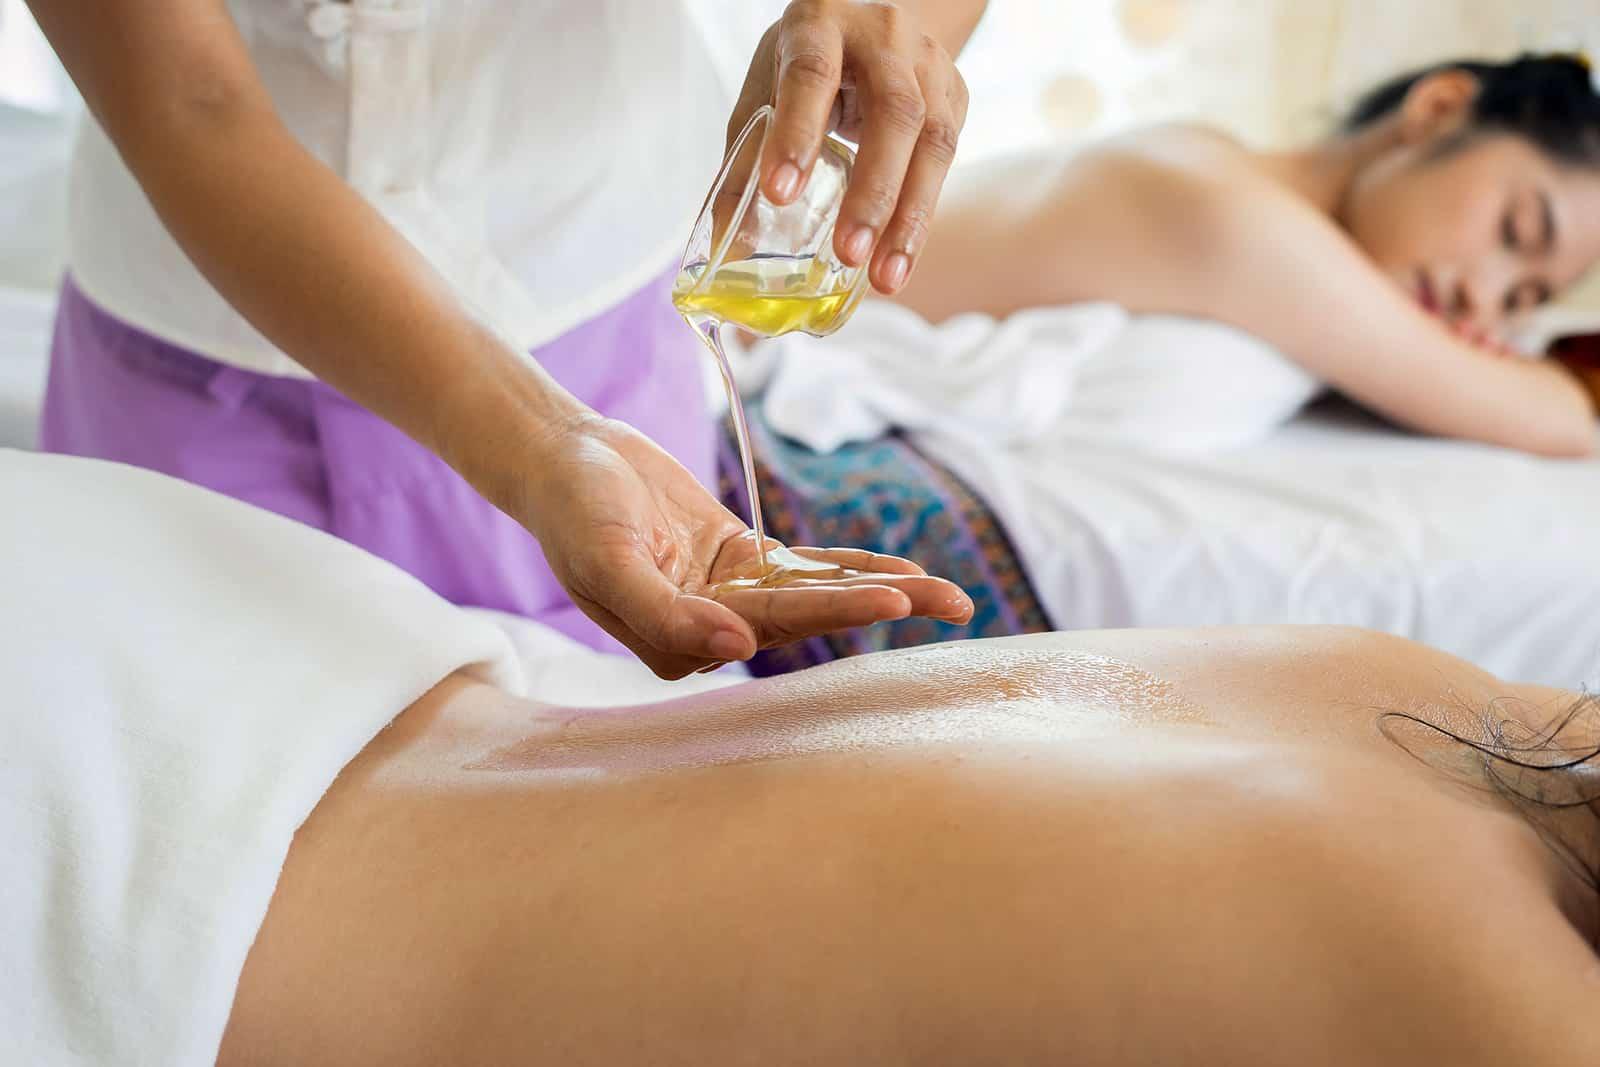 Frau, die auf dem Massagetisch liegt, während Massagegerät sich auf die Behandlung vorbereitet